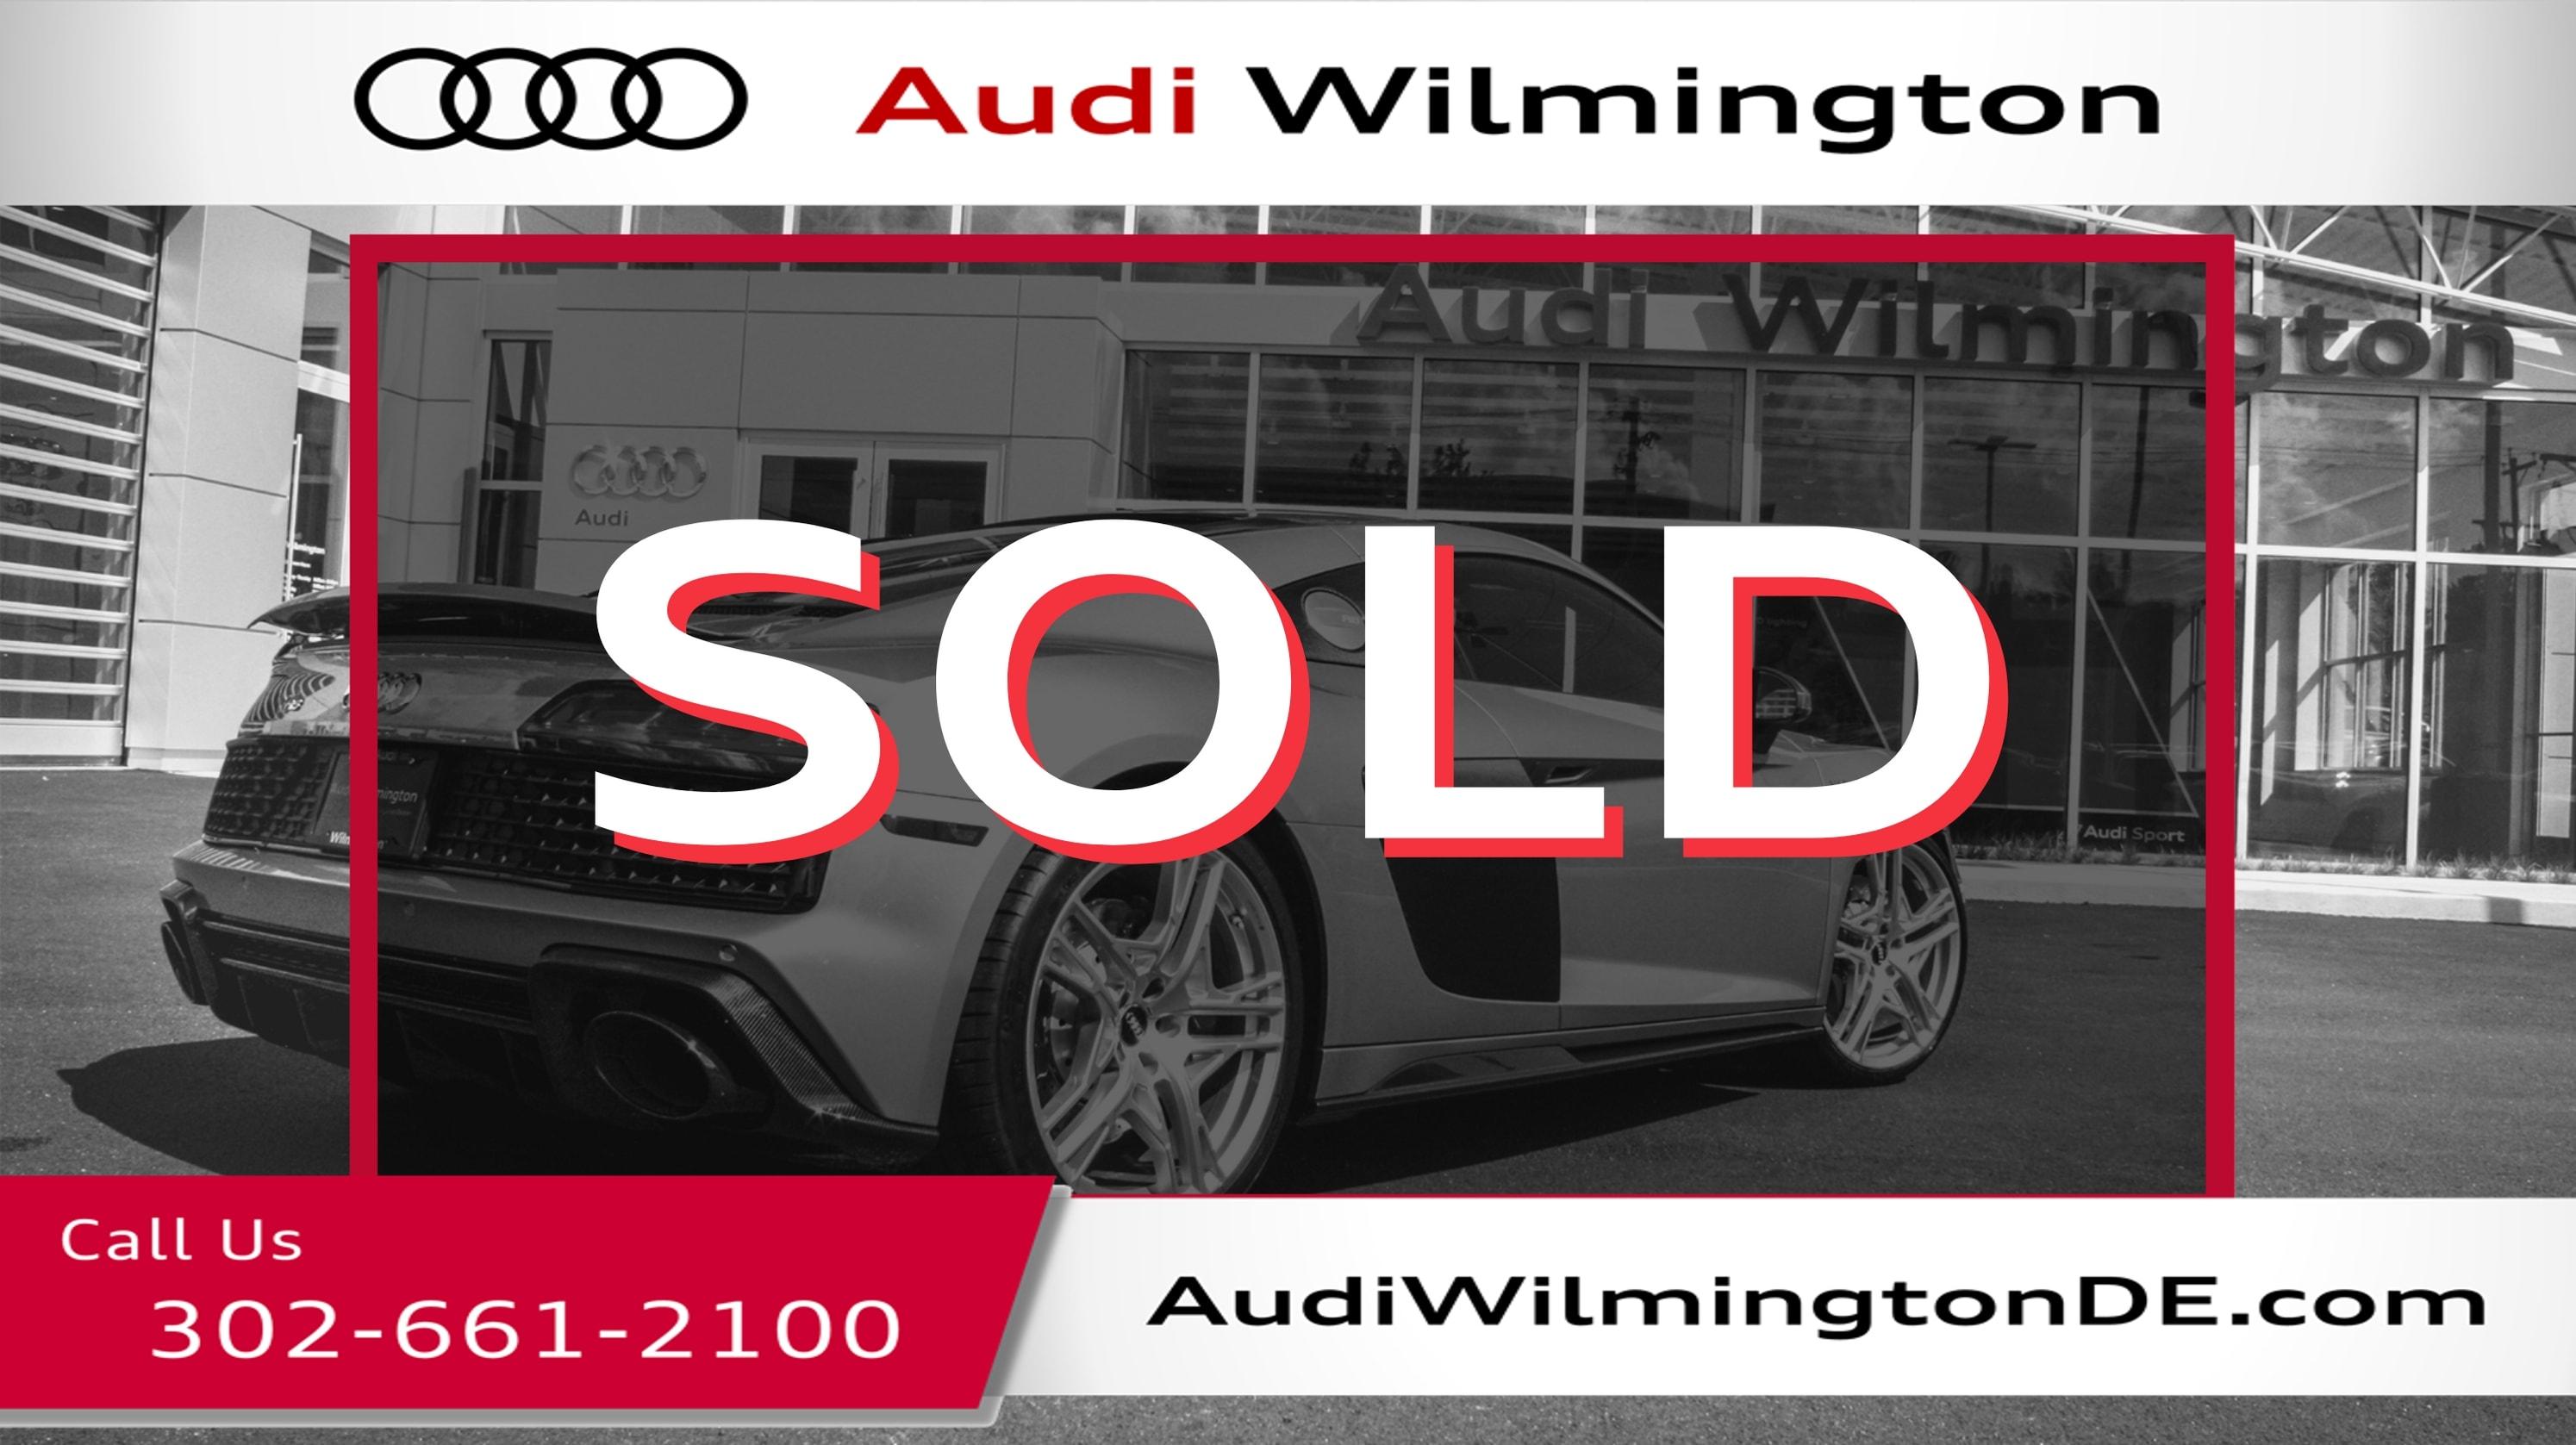 2021 Audi SQ5 Wilmington DE